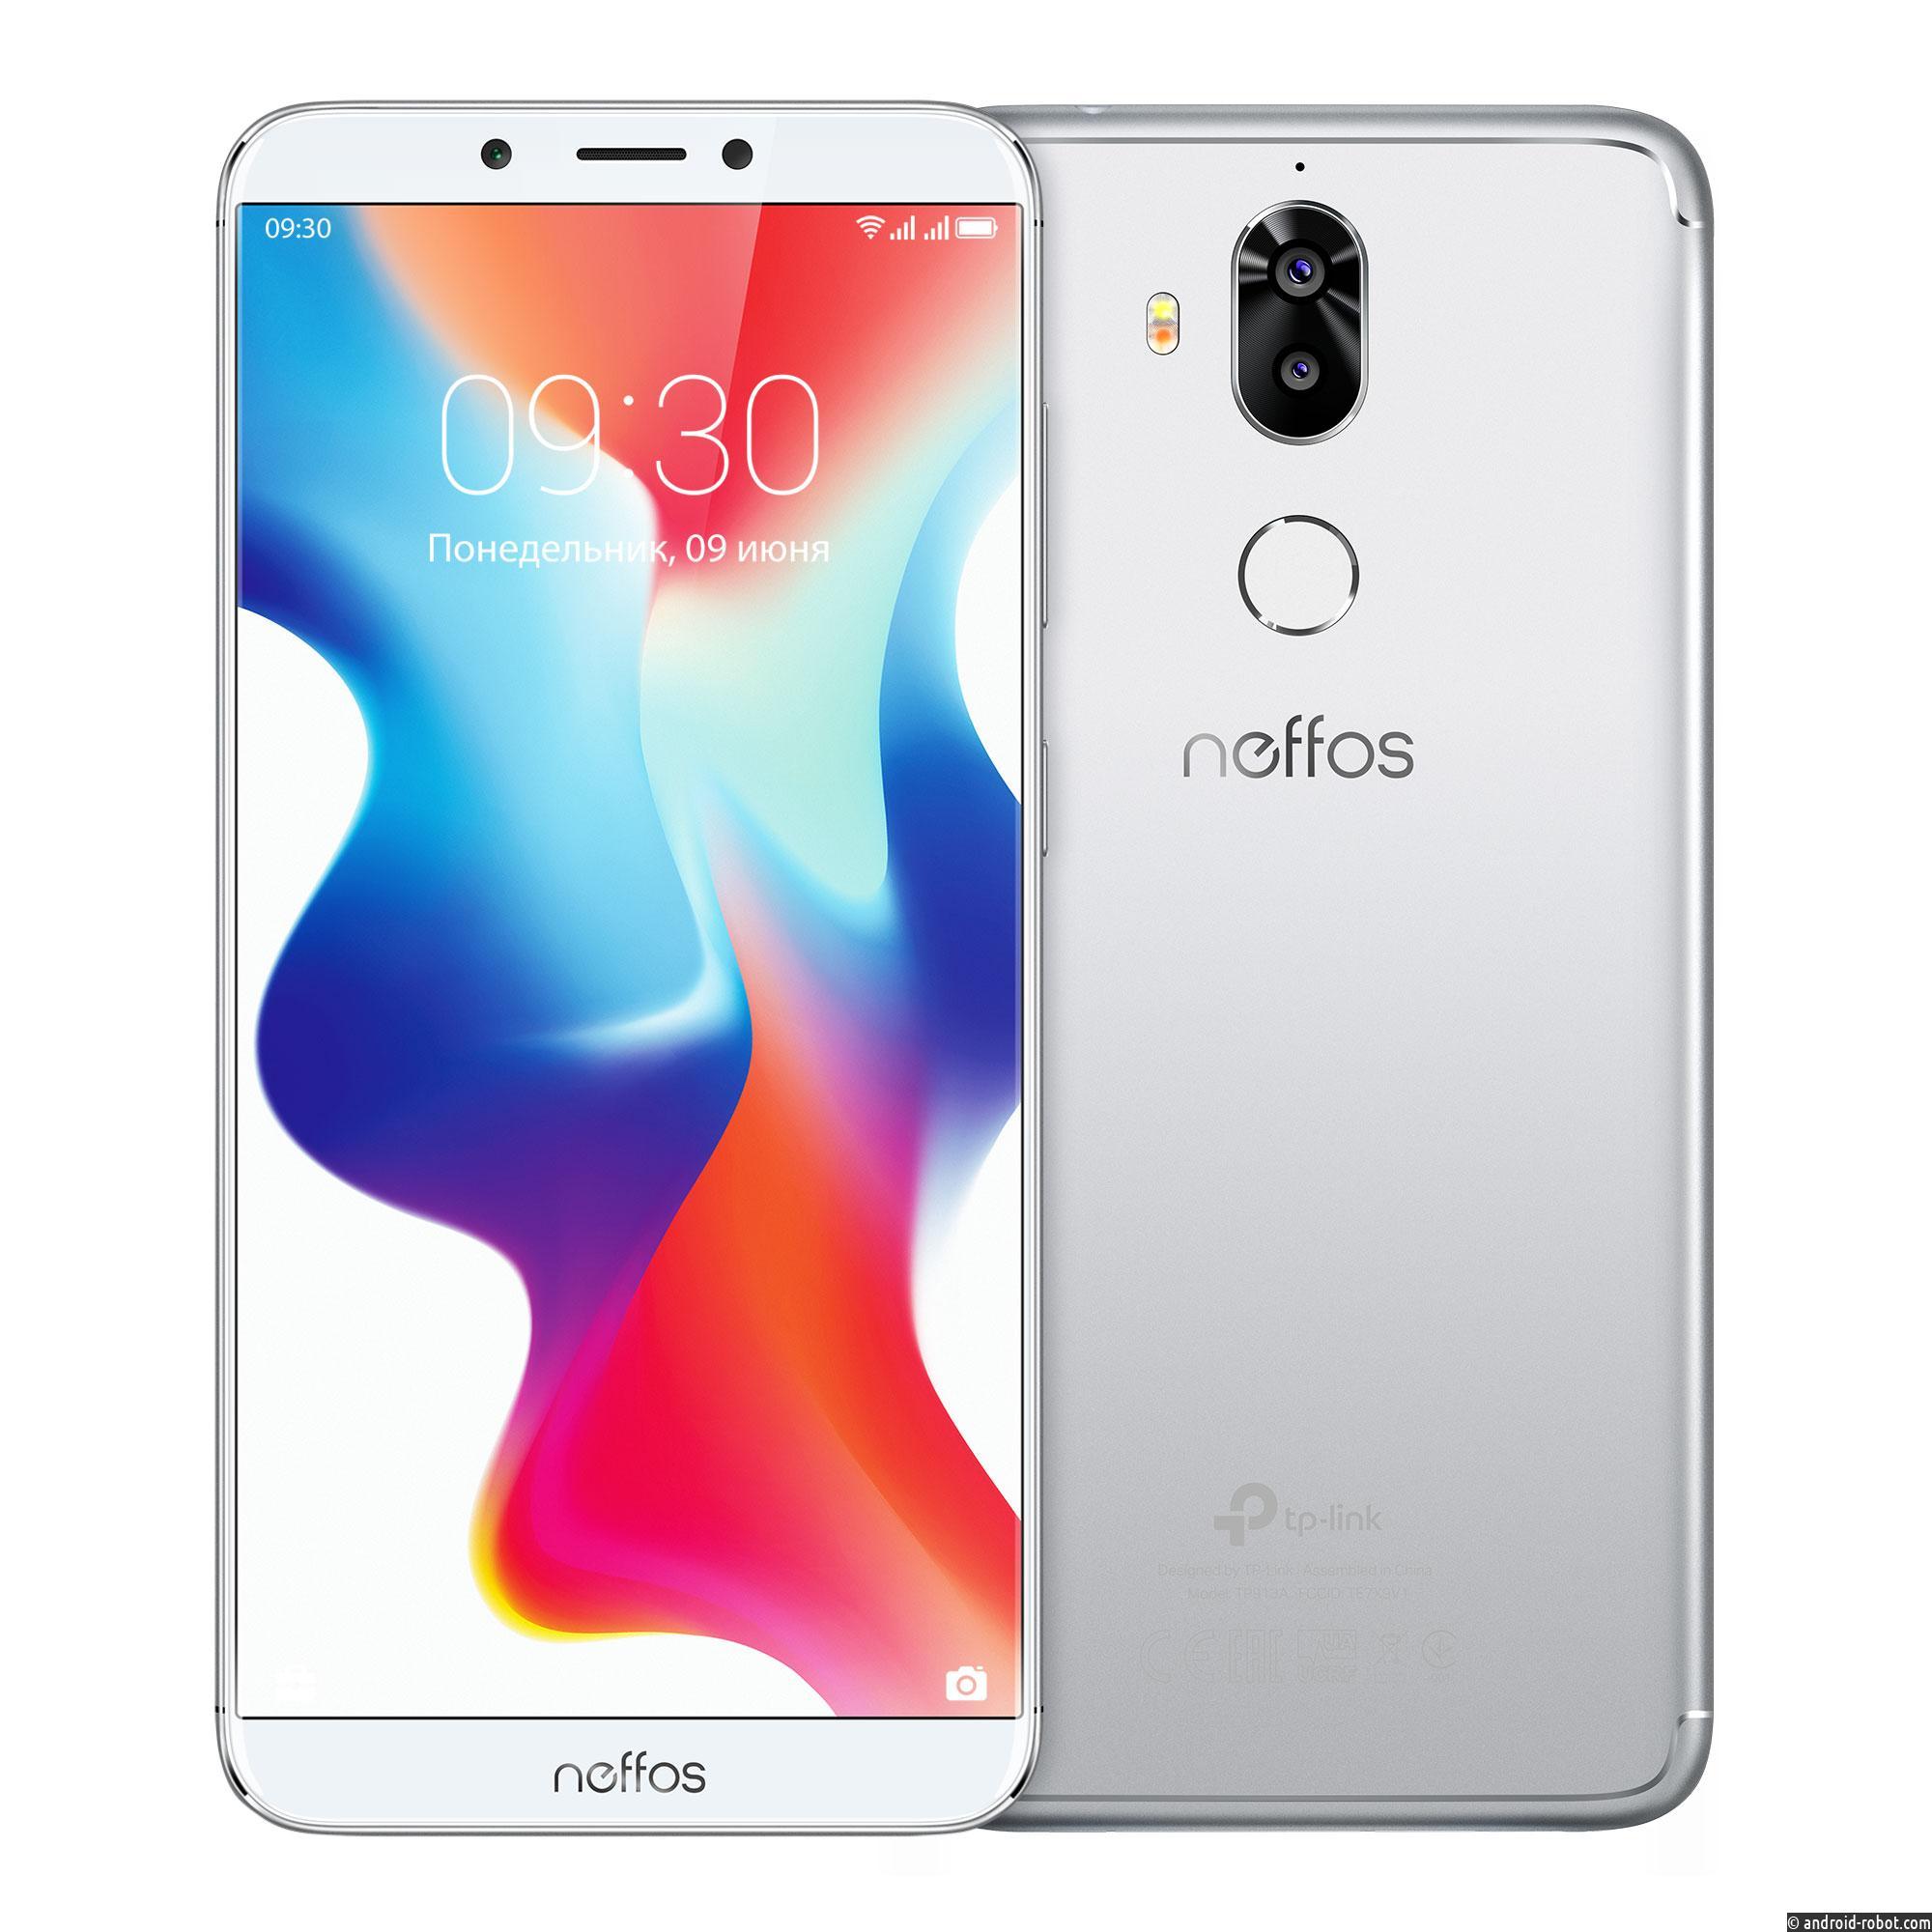 Новые модели смартфонов Neffos поступили в продажу в России